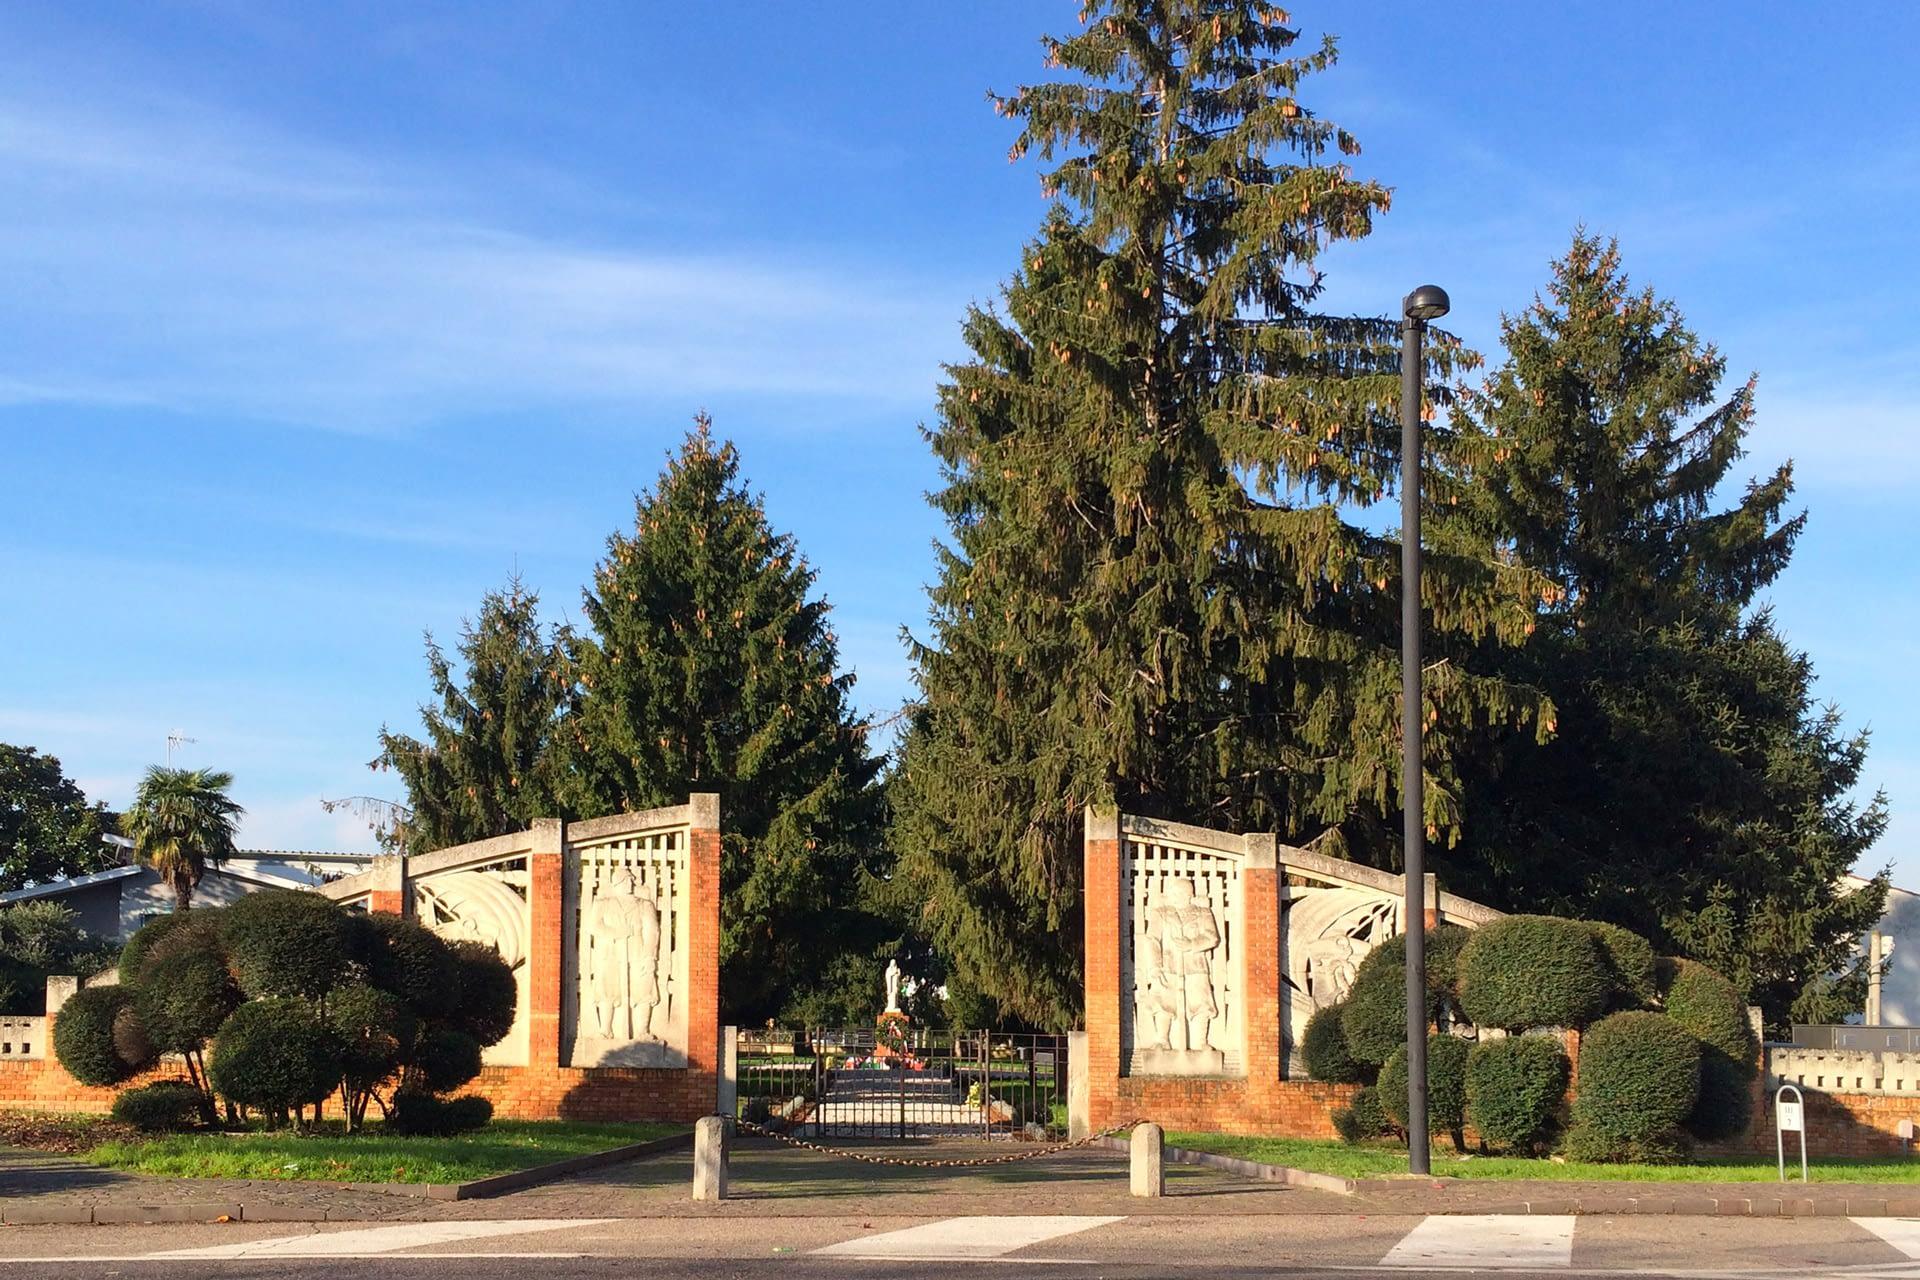 Tribano_Parco della Rimembranza